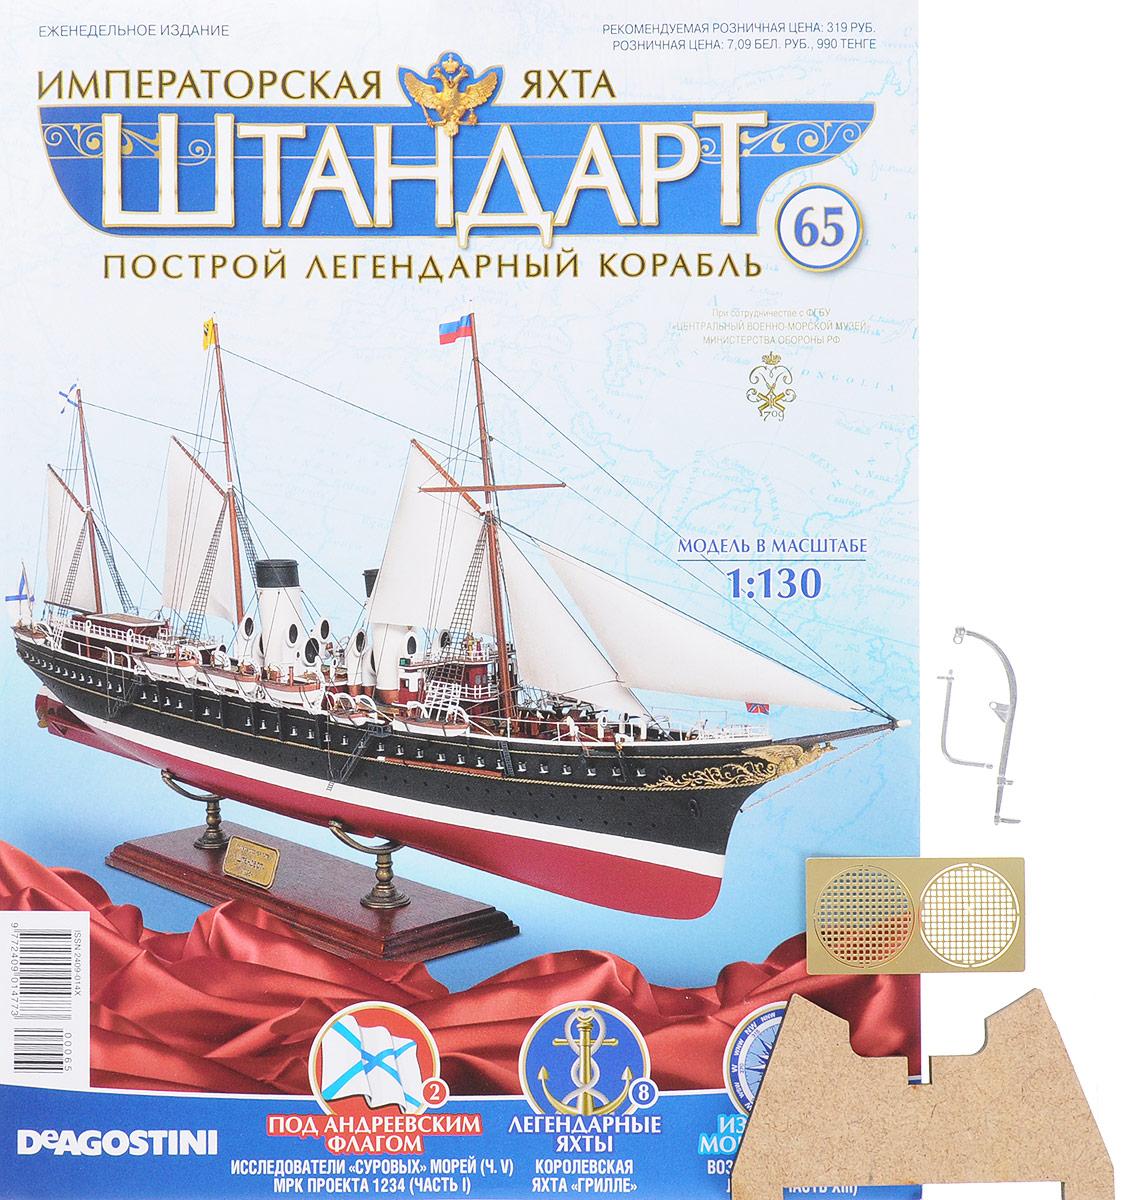 Журнал Императорская яхтаШТАНДАРТ №65